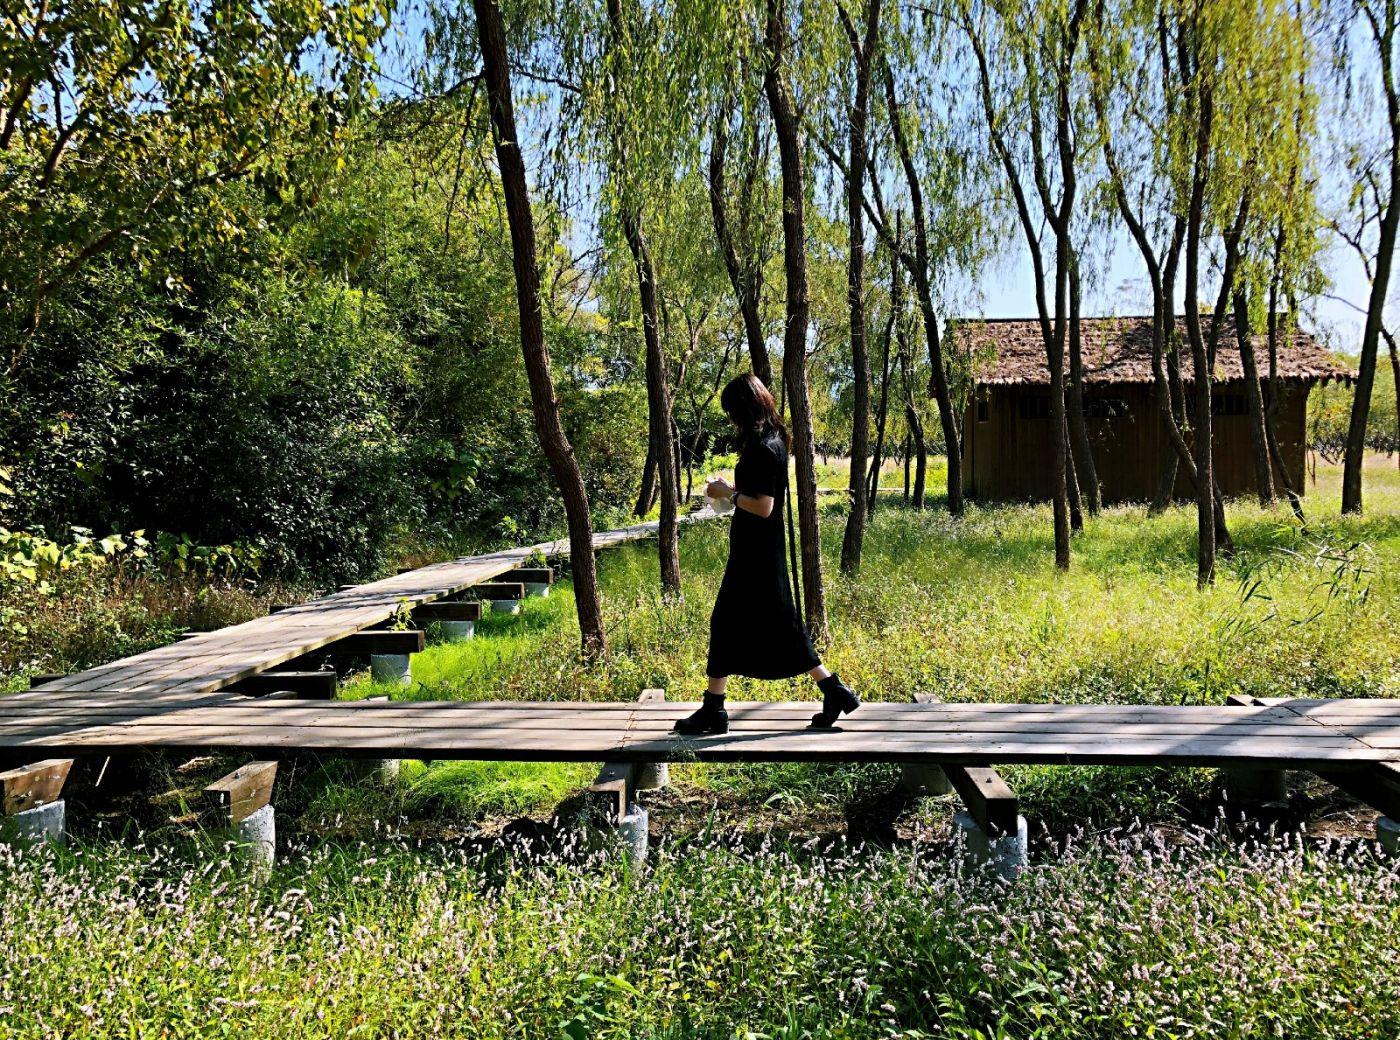 【田螺随拍】西溪湿地、非诚勿扰场景-手机版_图1-17